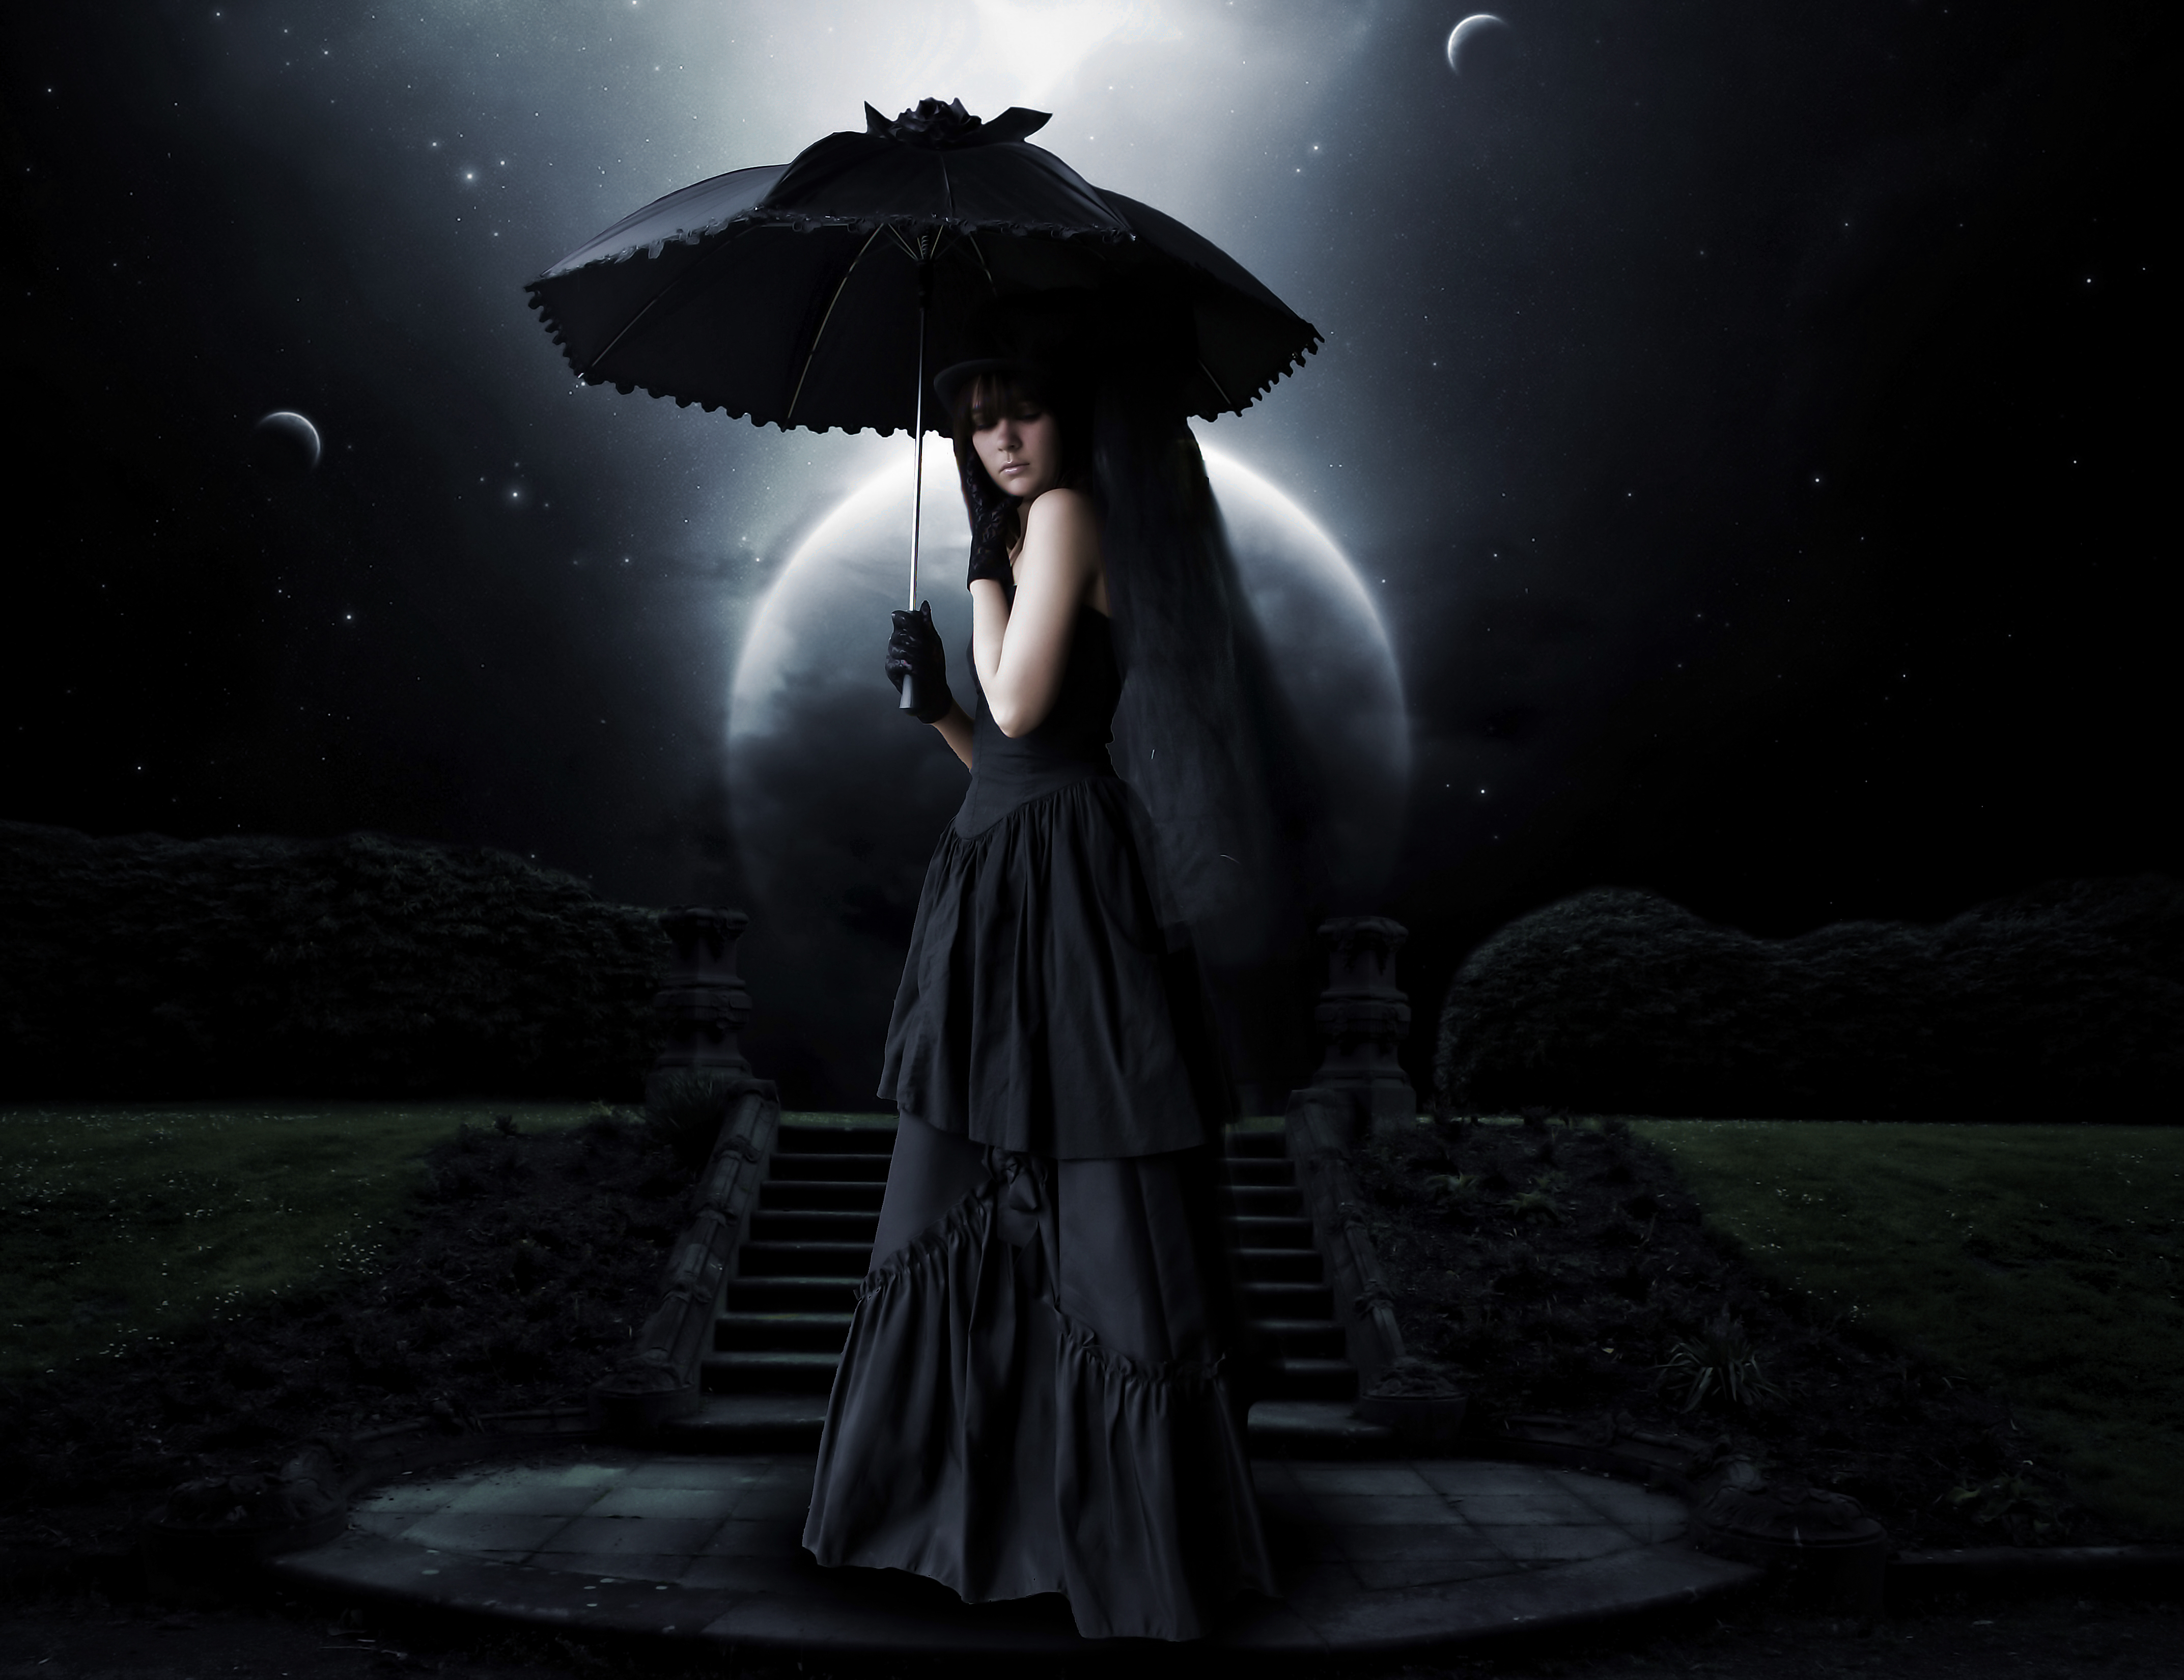 Oscuro - Gótico  Moonlight Goth Fondo de Pantalla